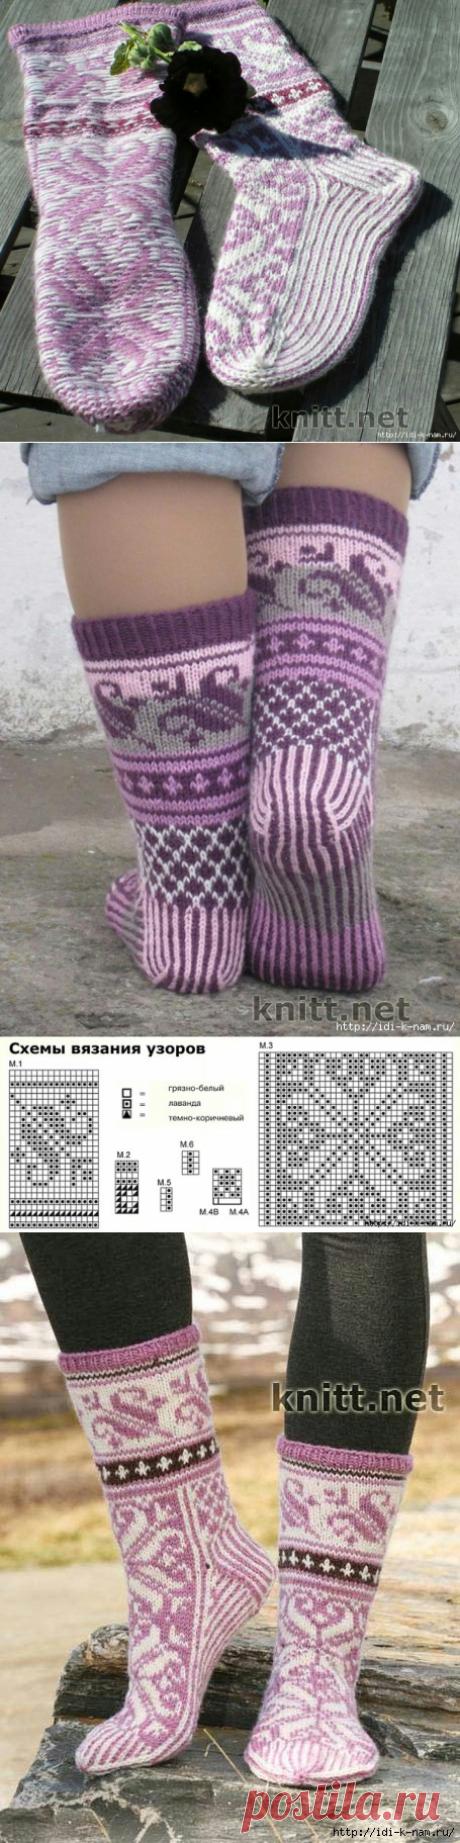 Los calcetines con zhakkardovym por la cinta